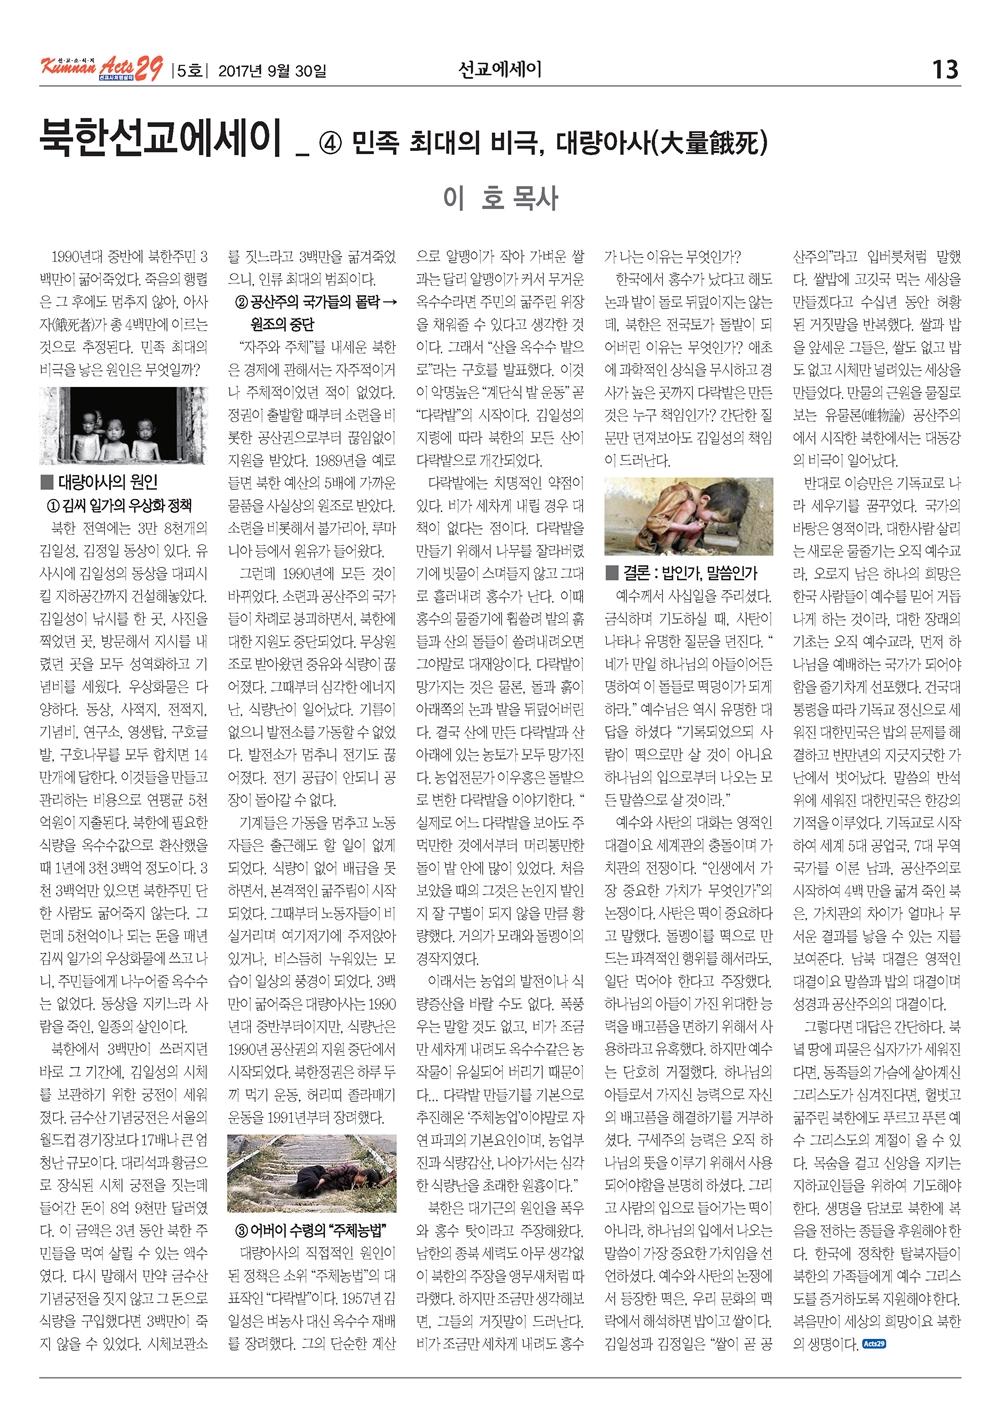 금란선교소식지 5호_Page_13.jpg